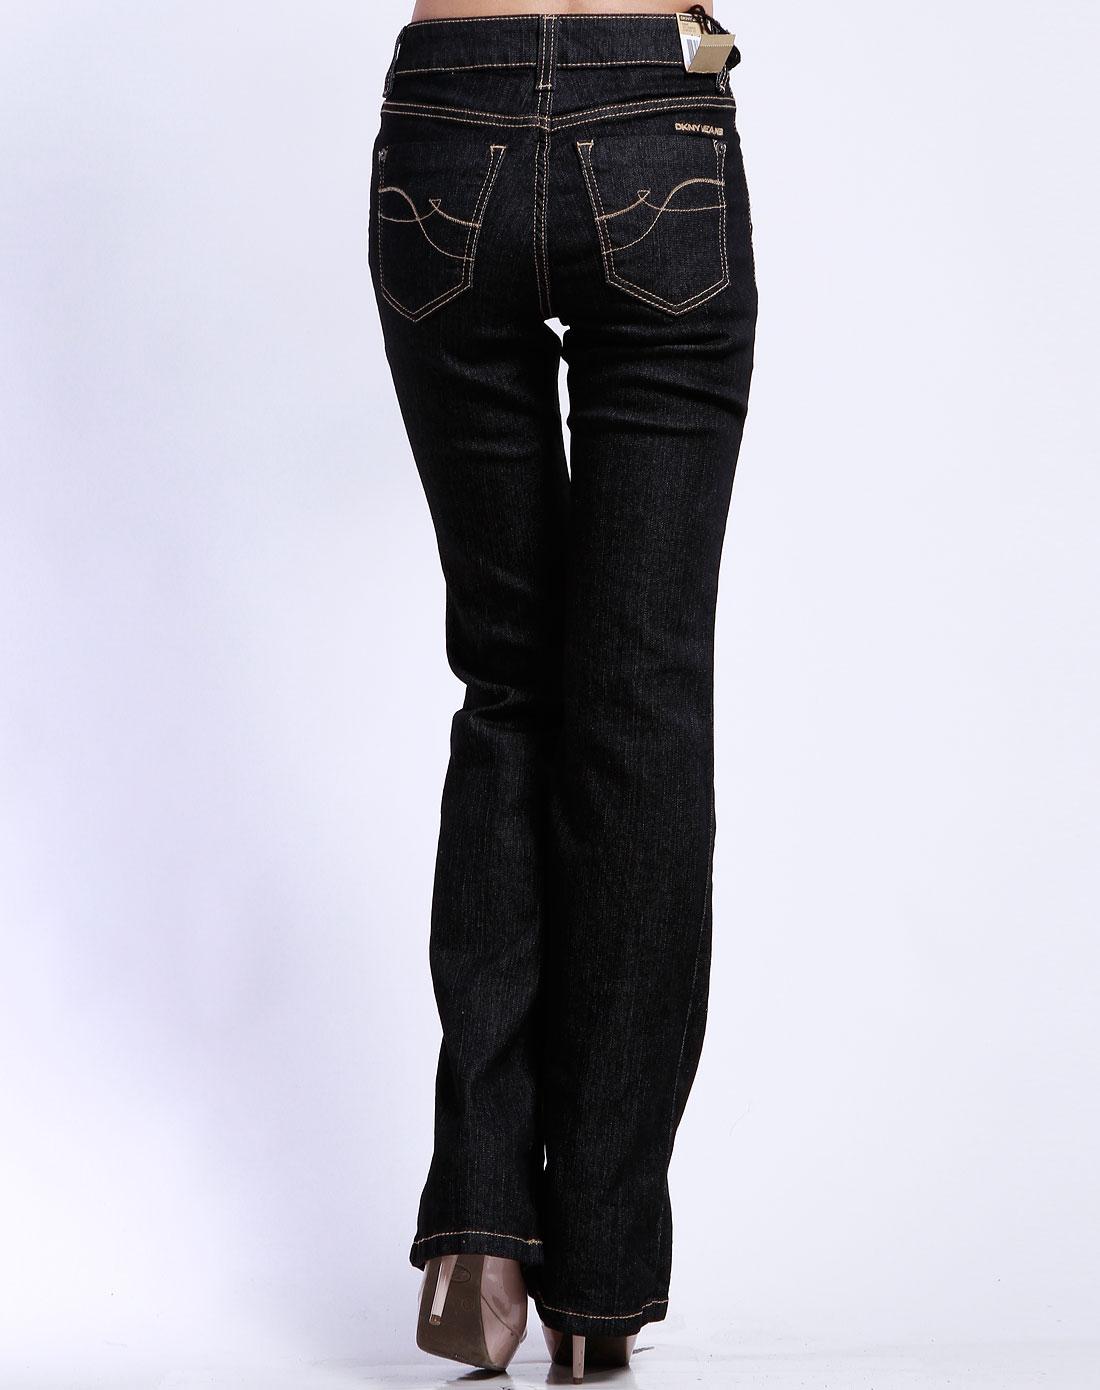 女款黑色直筒休闲牛仔长裤